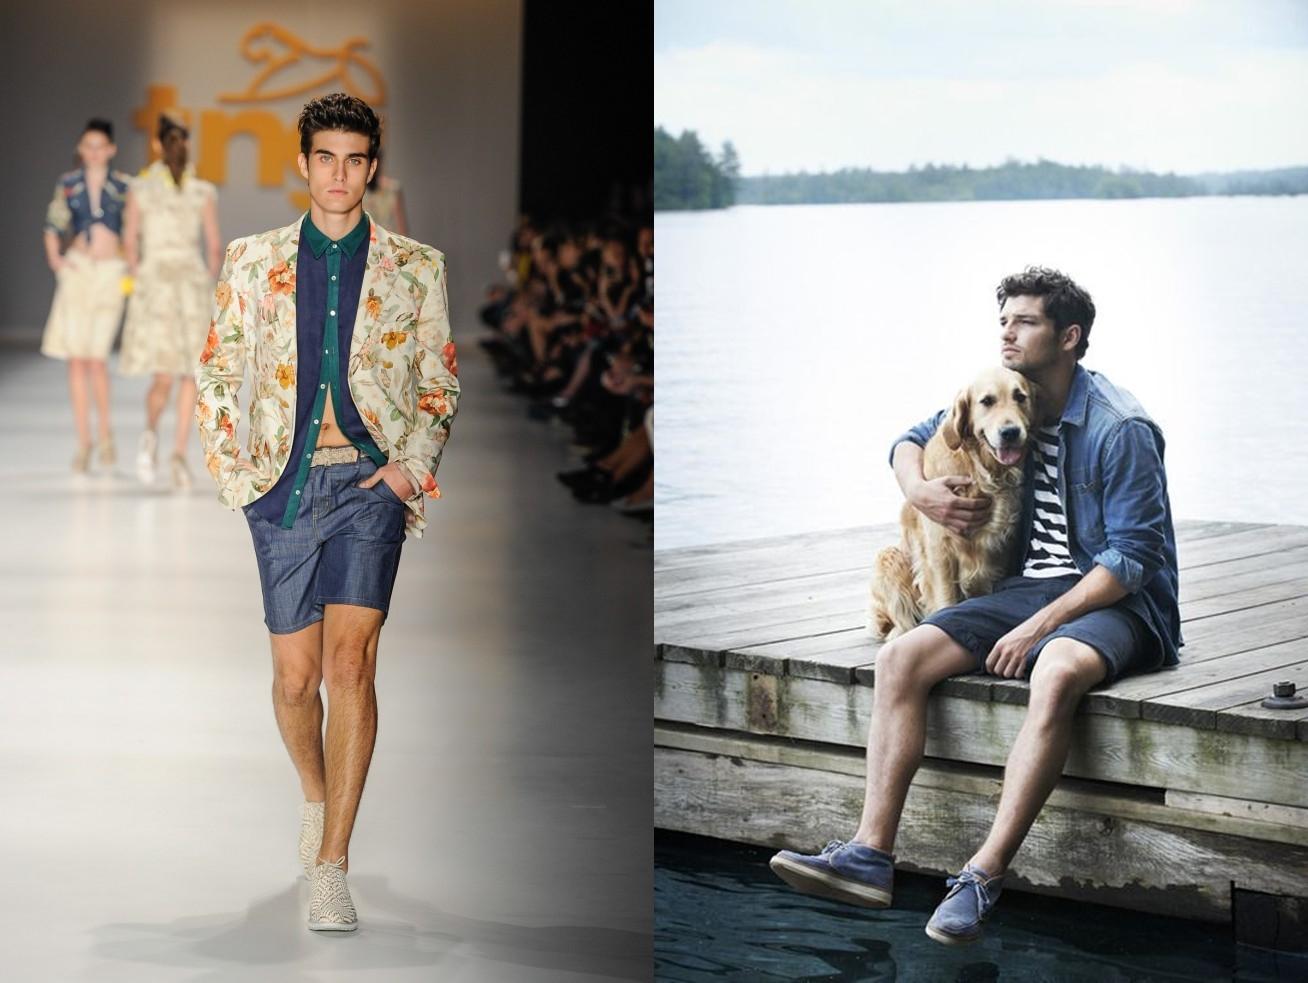 tendencia masculina, verão 2016, menswear, style, trends, moda sem censura, blogger, blog de moda, fashion blogger, blogueiro de moda, alex cursino, style, tips, 5